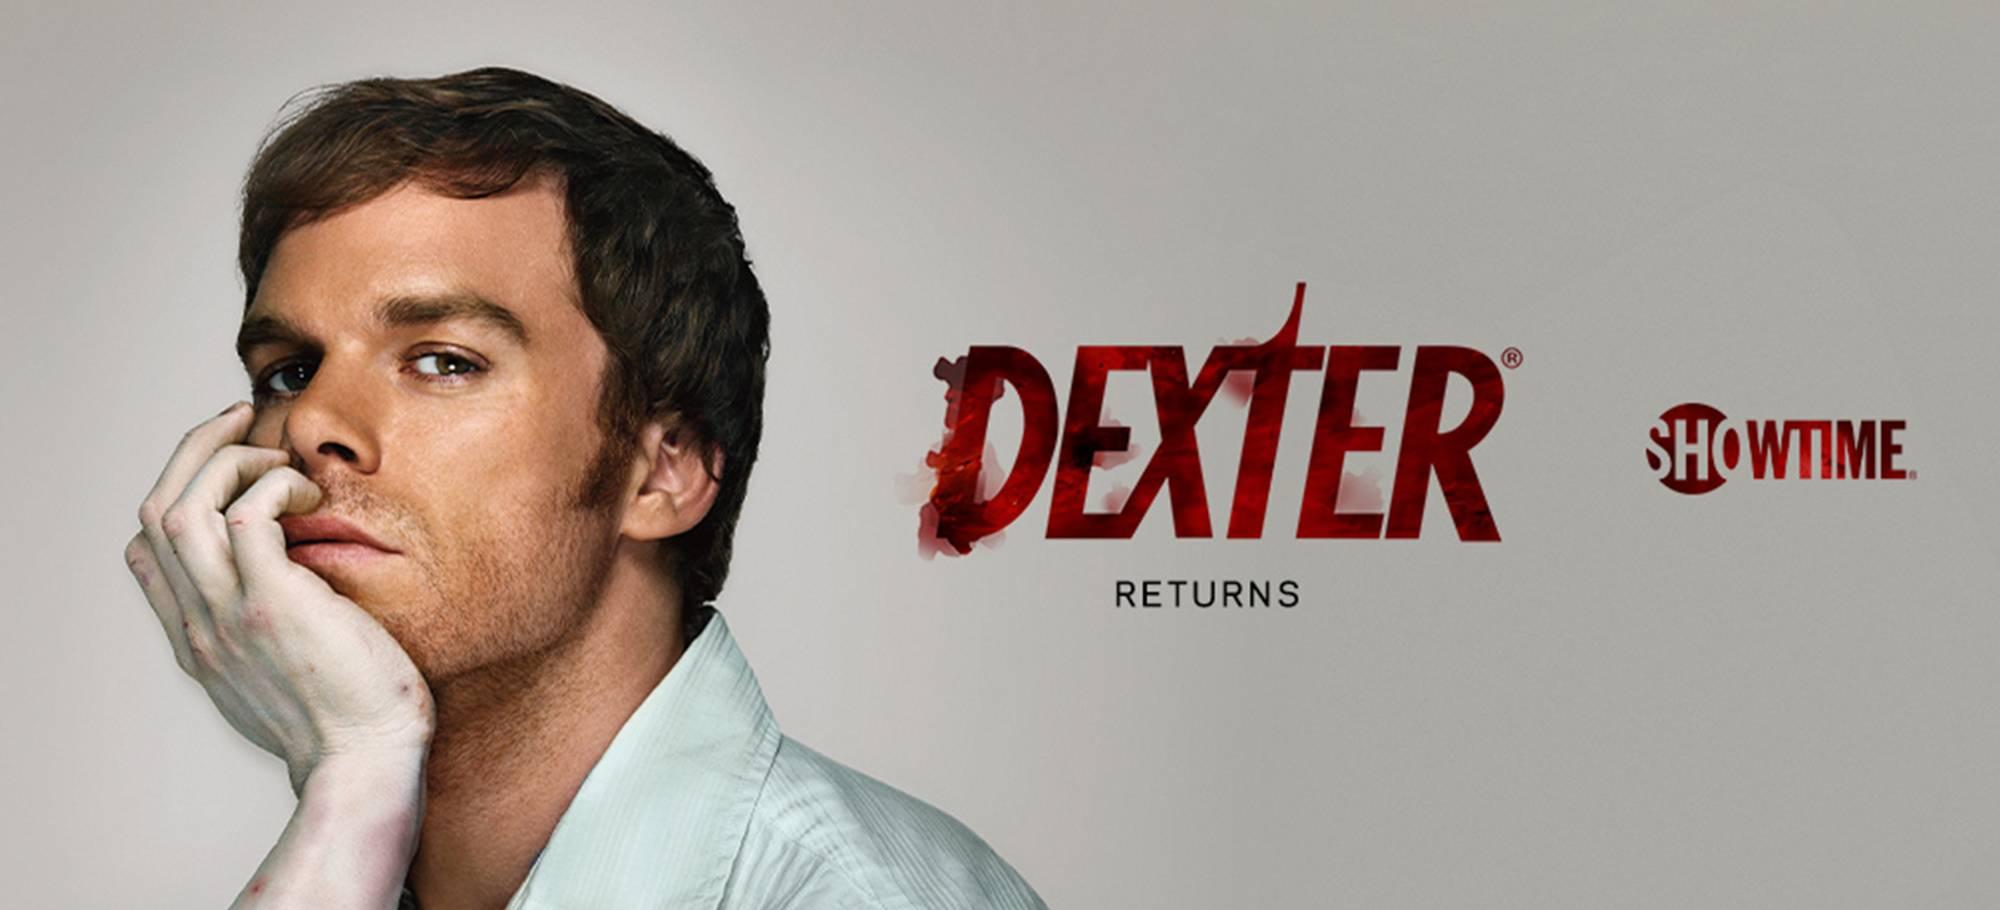 Dexter : Showtime dévoile un second teaser pour le revival de la série